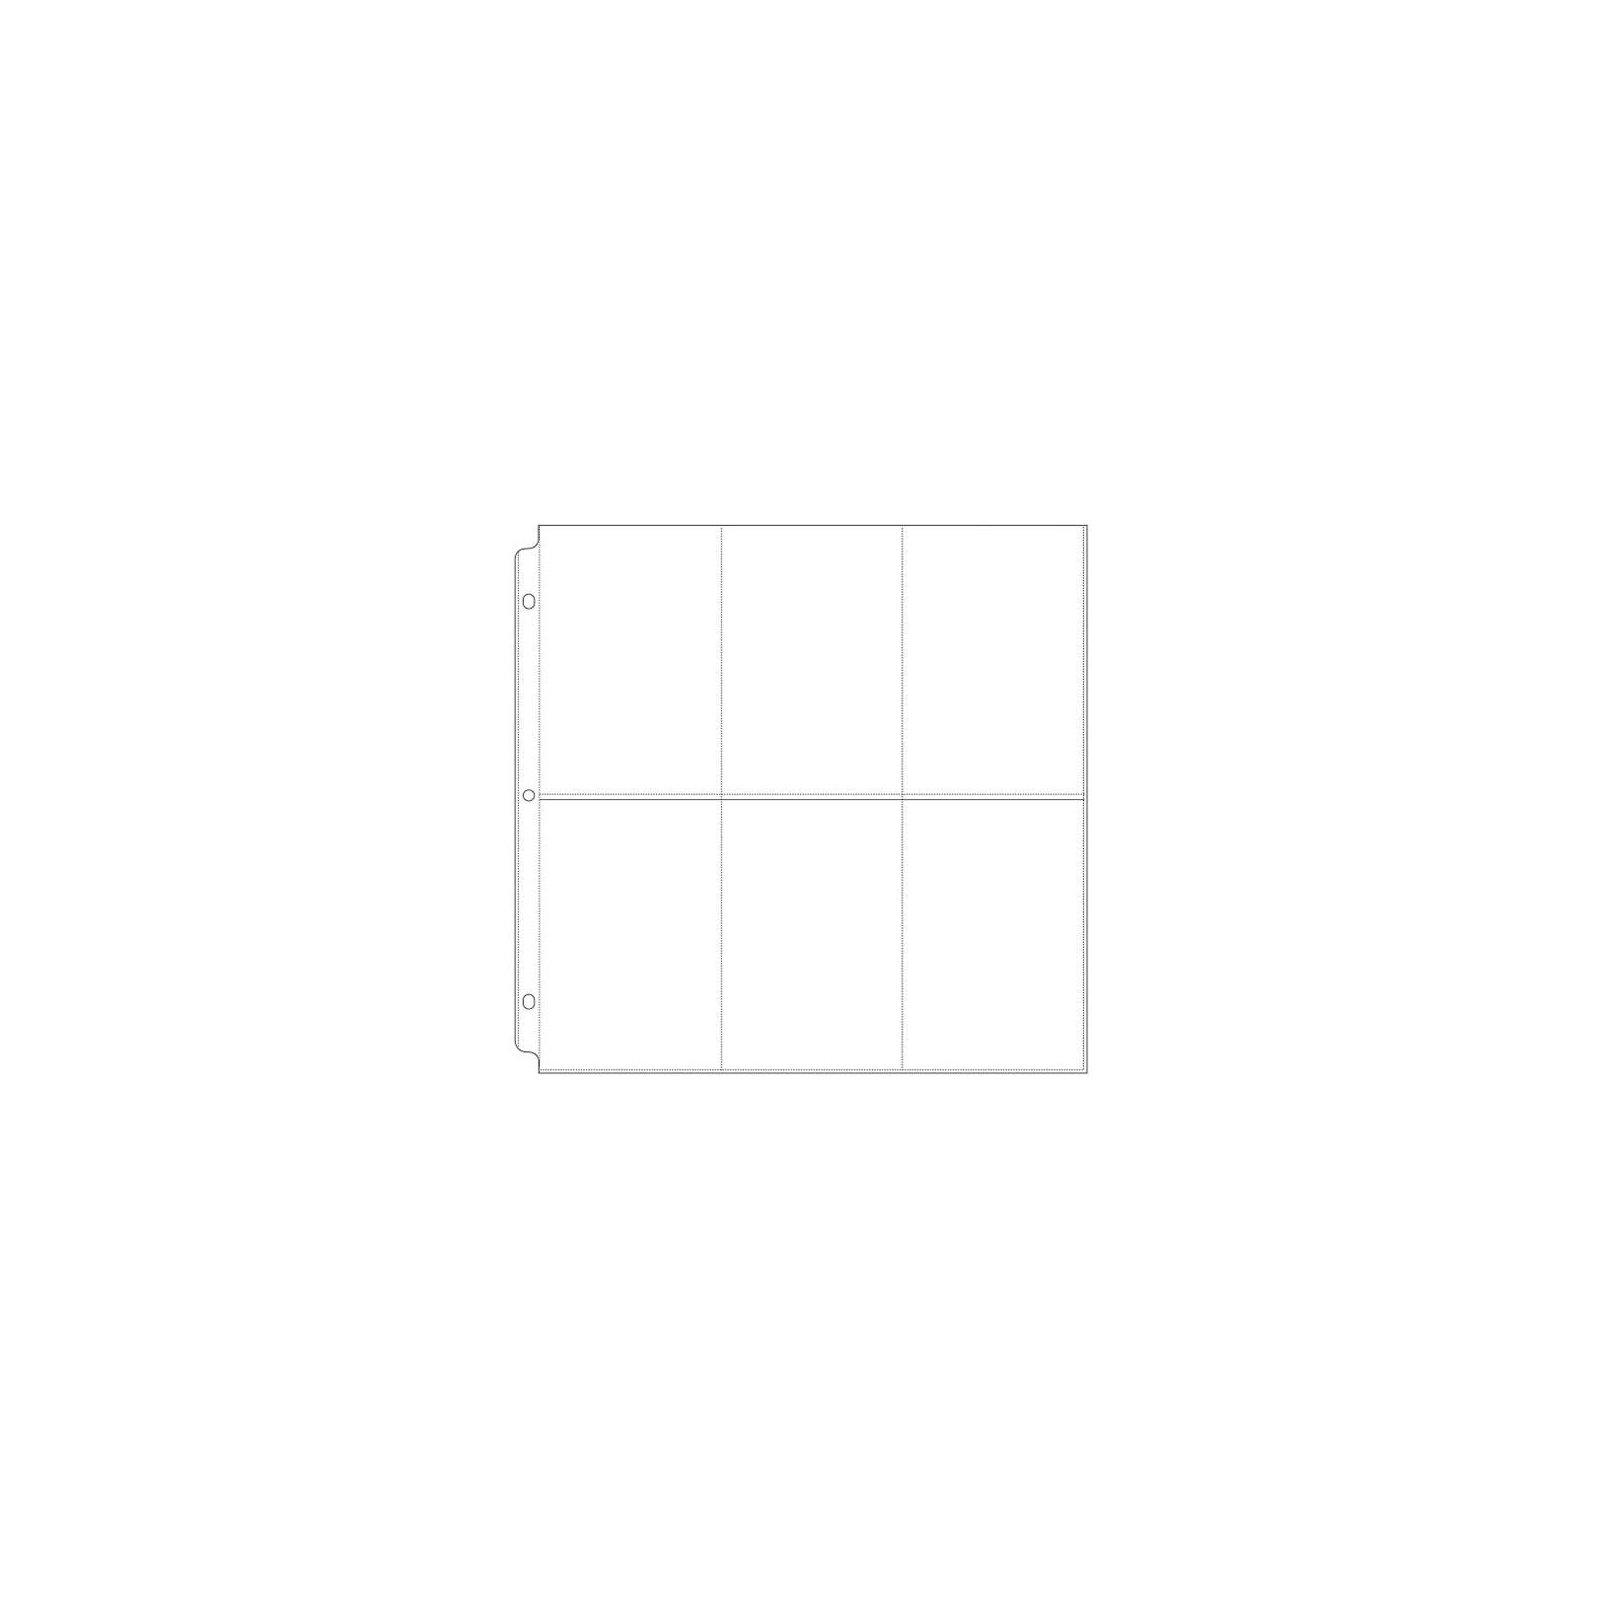 Pochettes plastiques 30x30 - Design L - Echo Park Paper